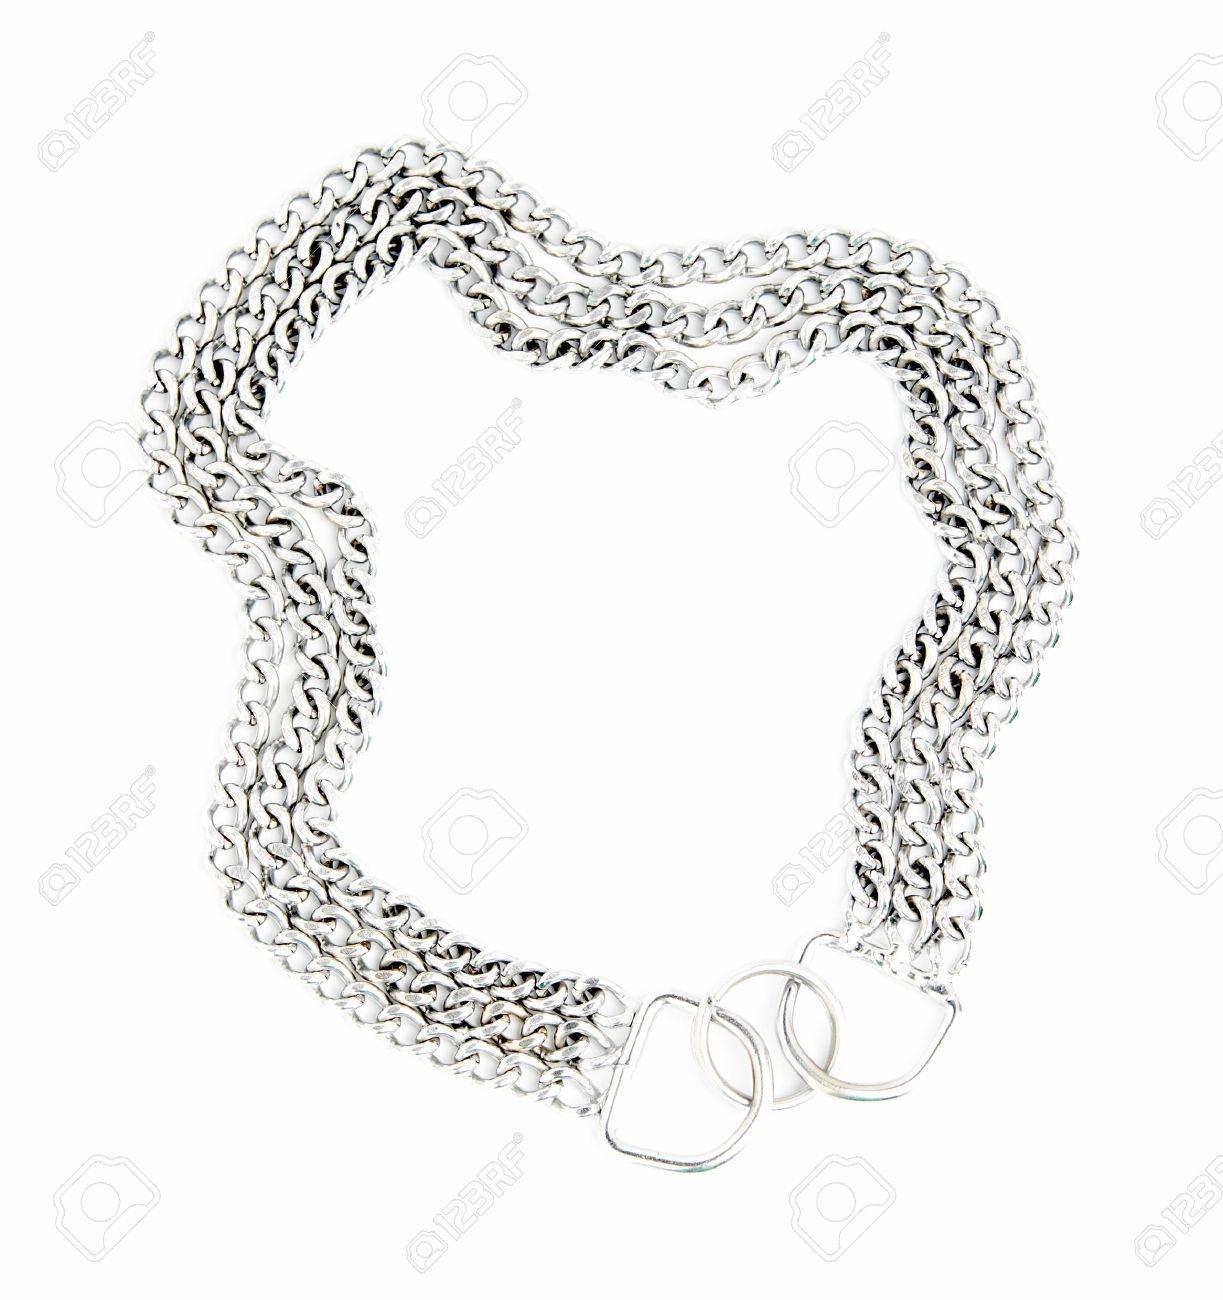 Foto de archivo , El perro un collar de gruesas cadena para perros grandes aislados en un fondo blanco.